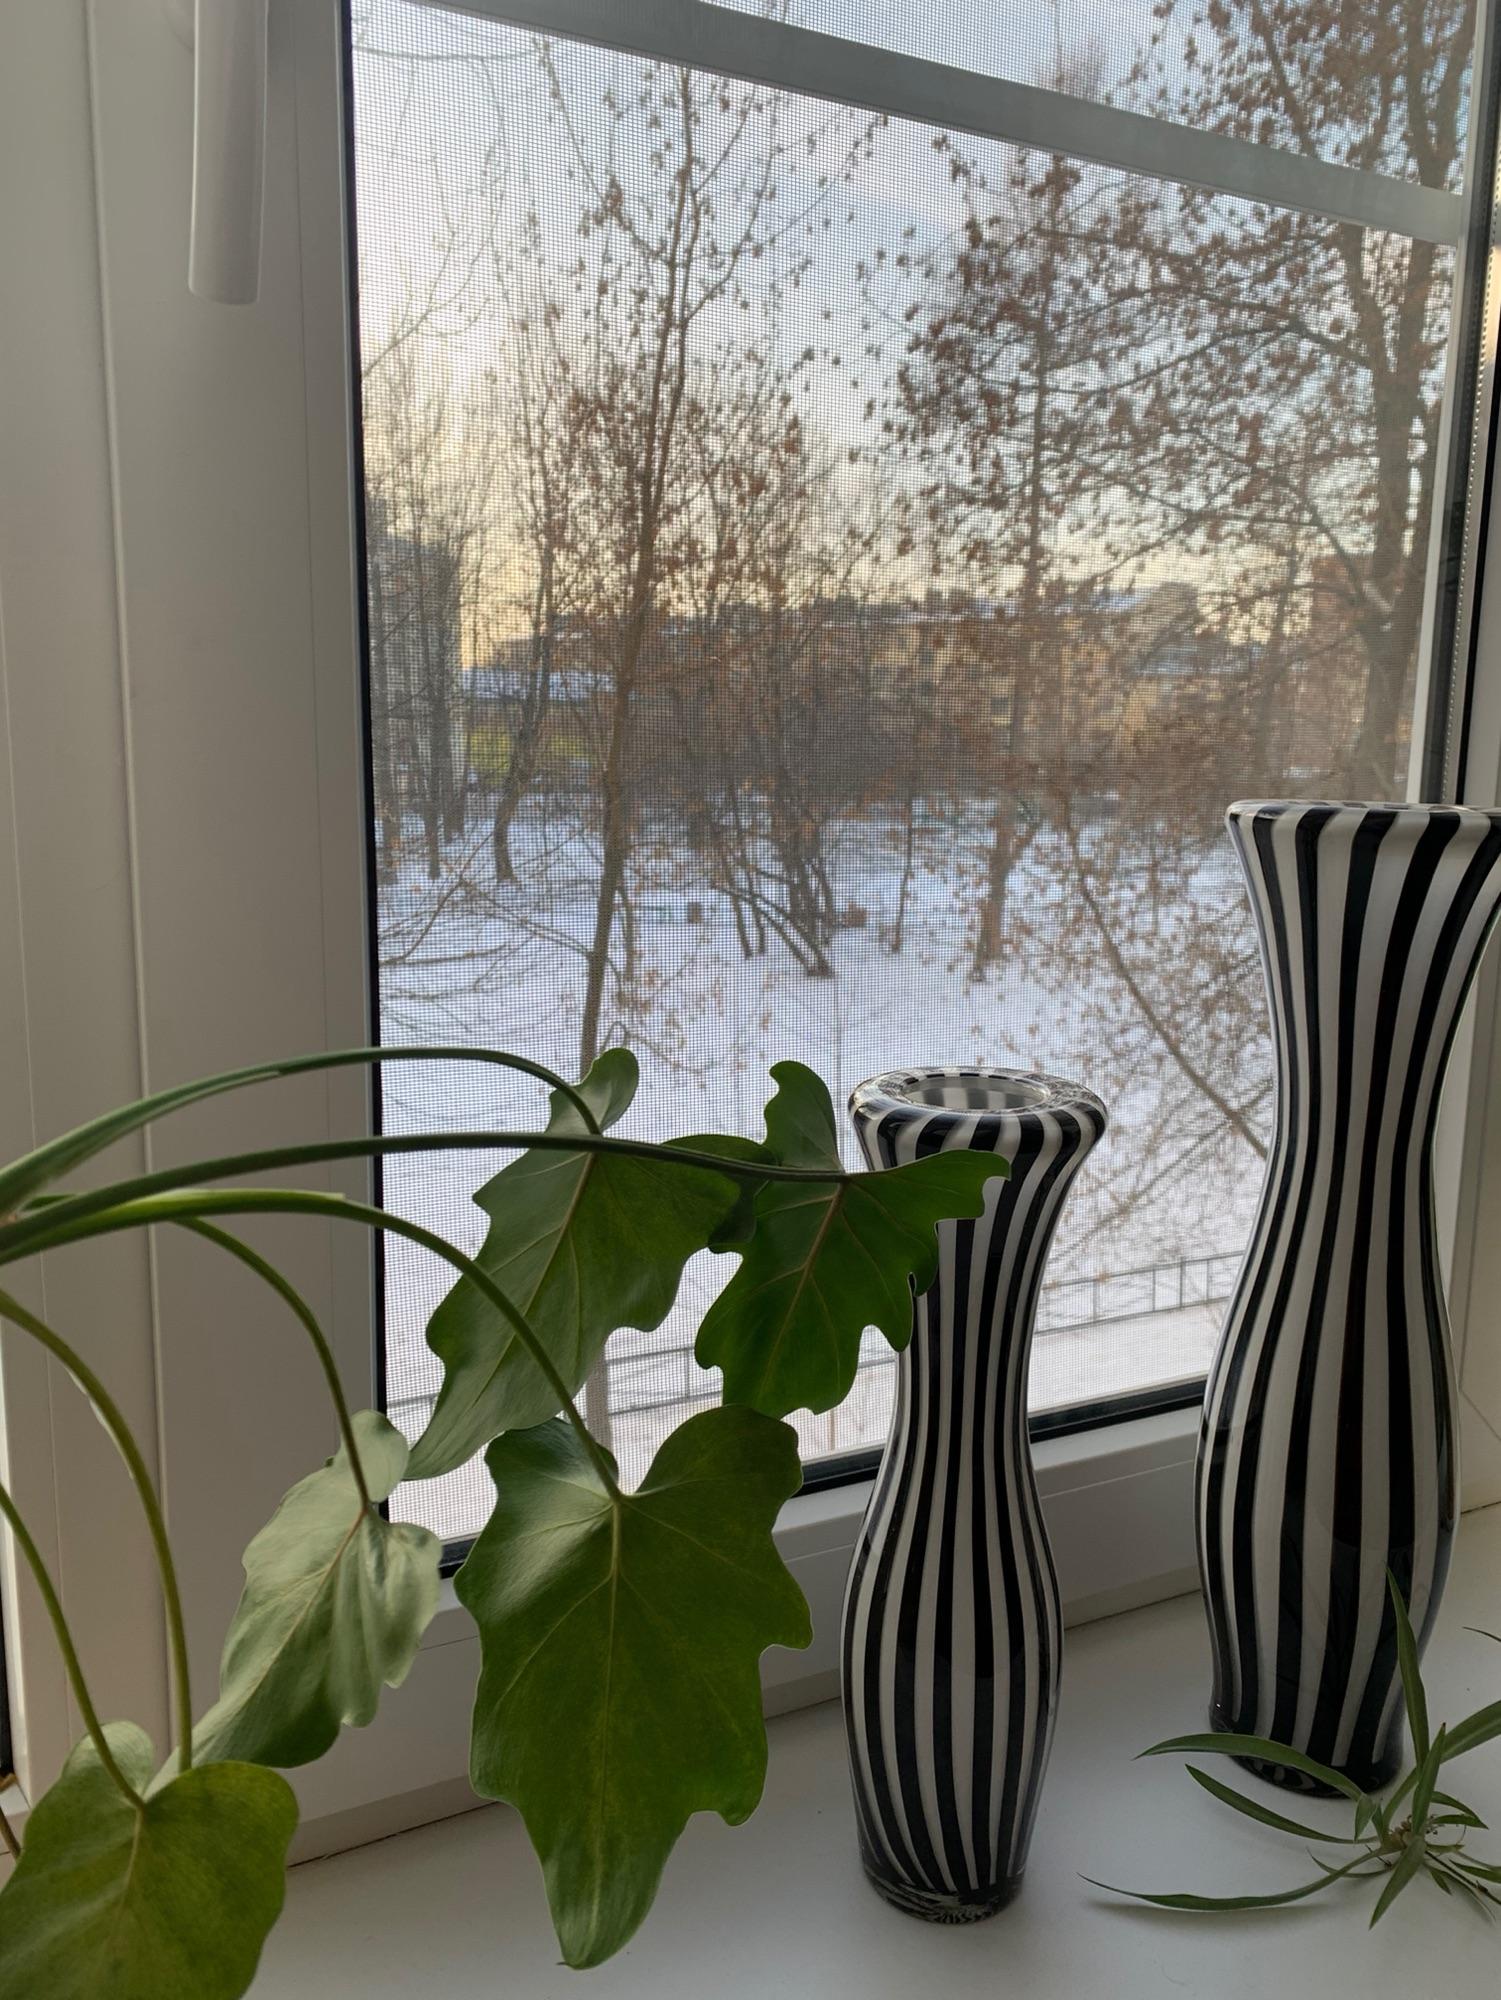 А я смотрю в окно и радуюсь жизни!